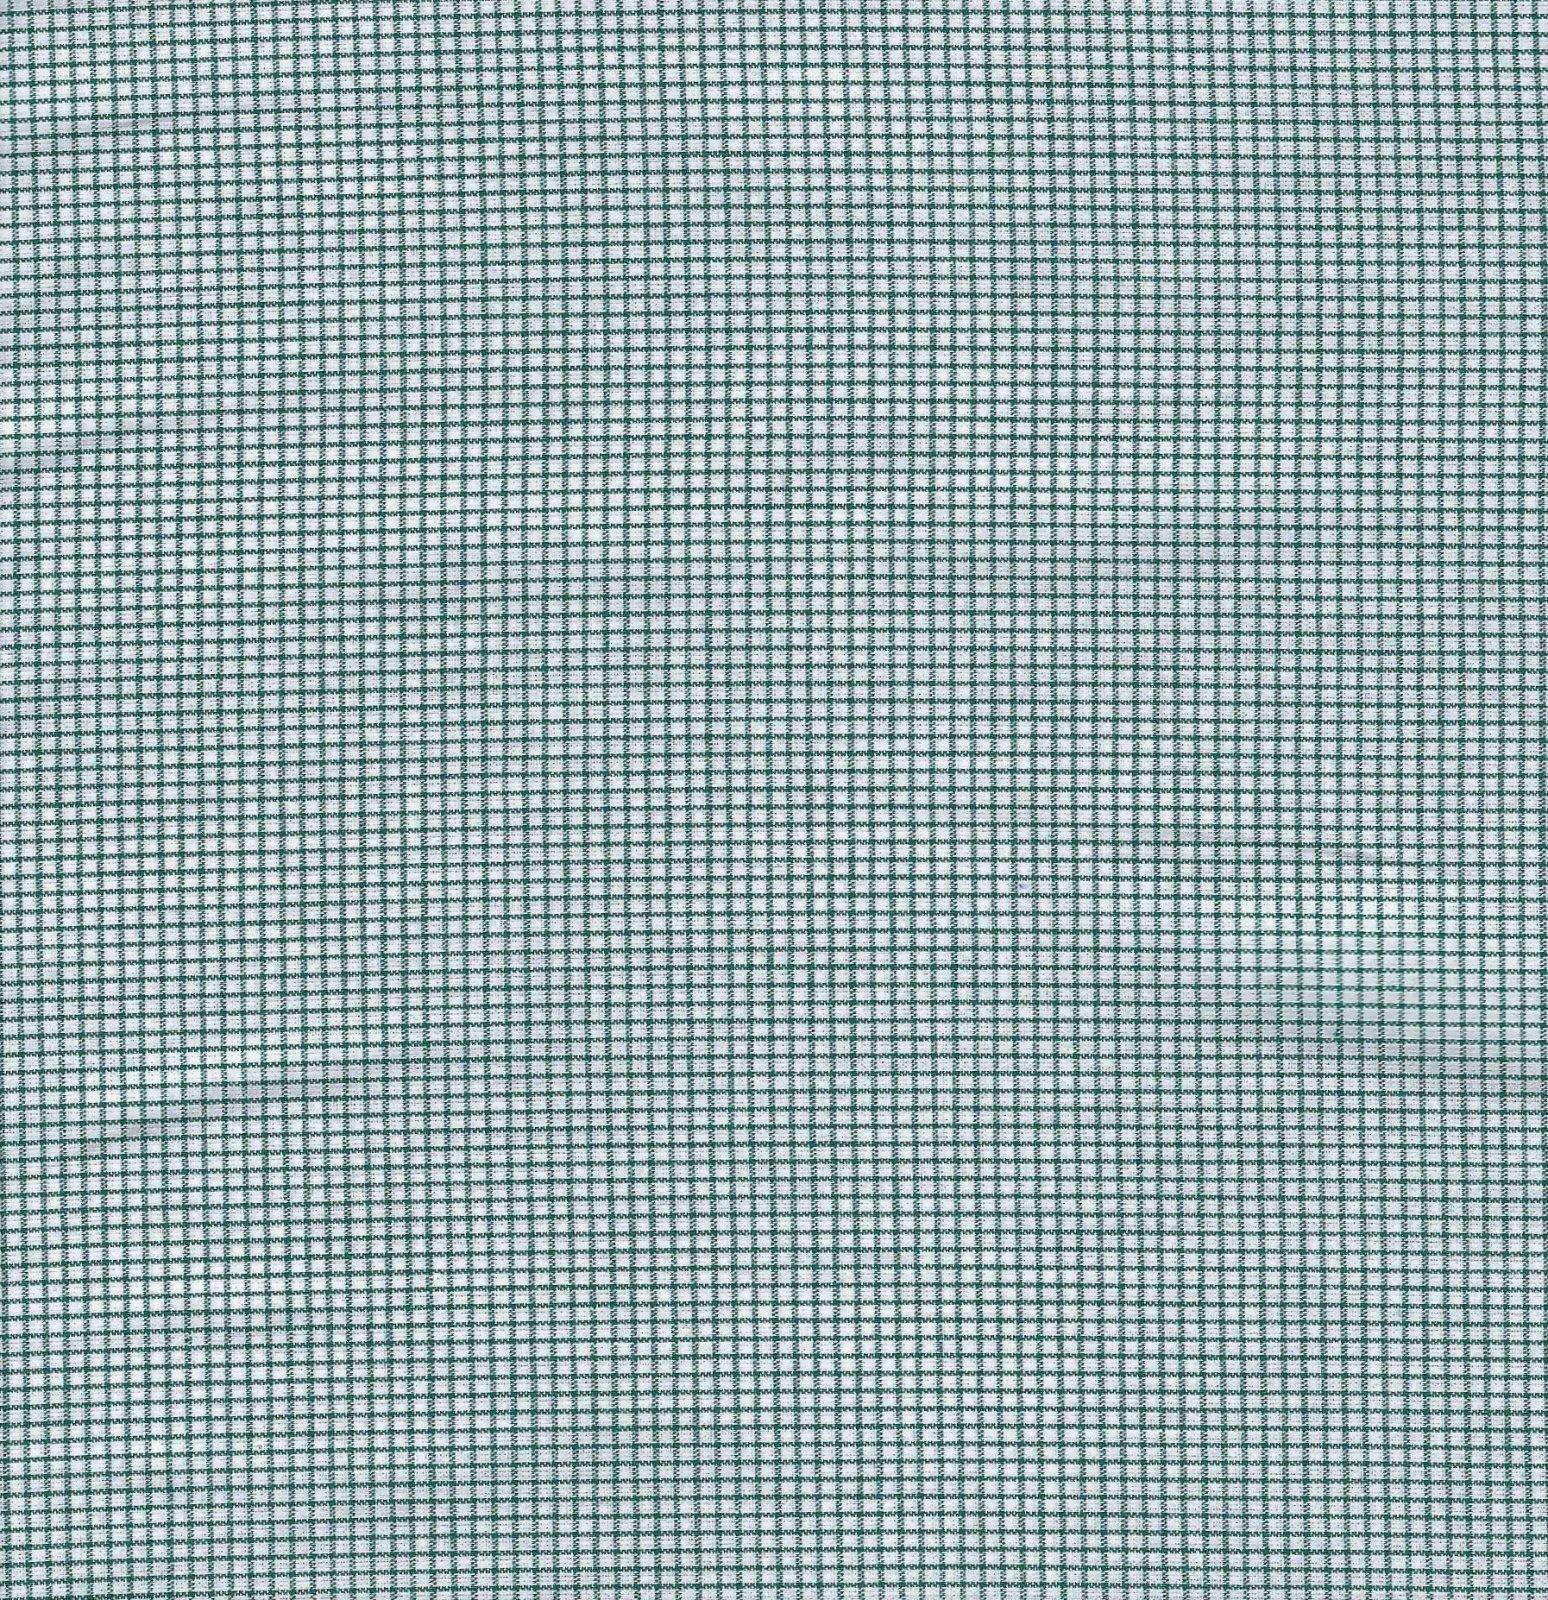 Spechler Vogel - Pima Classic Green/White